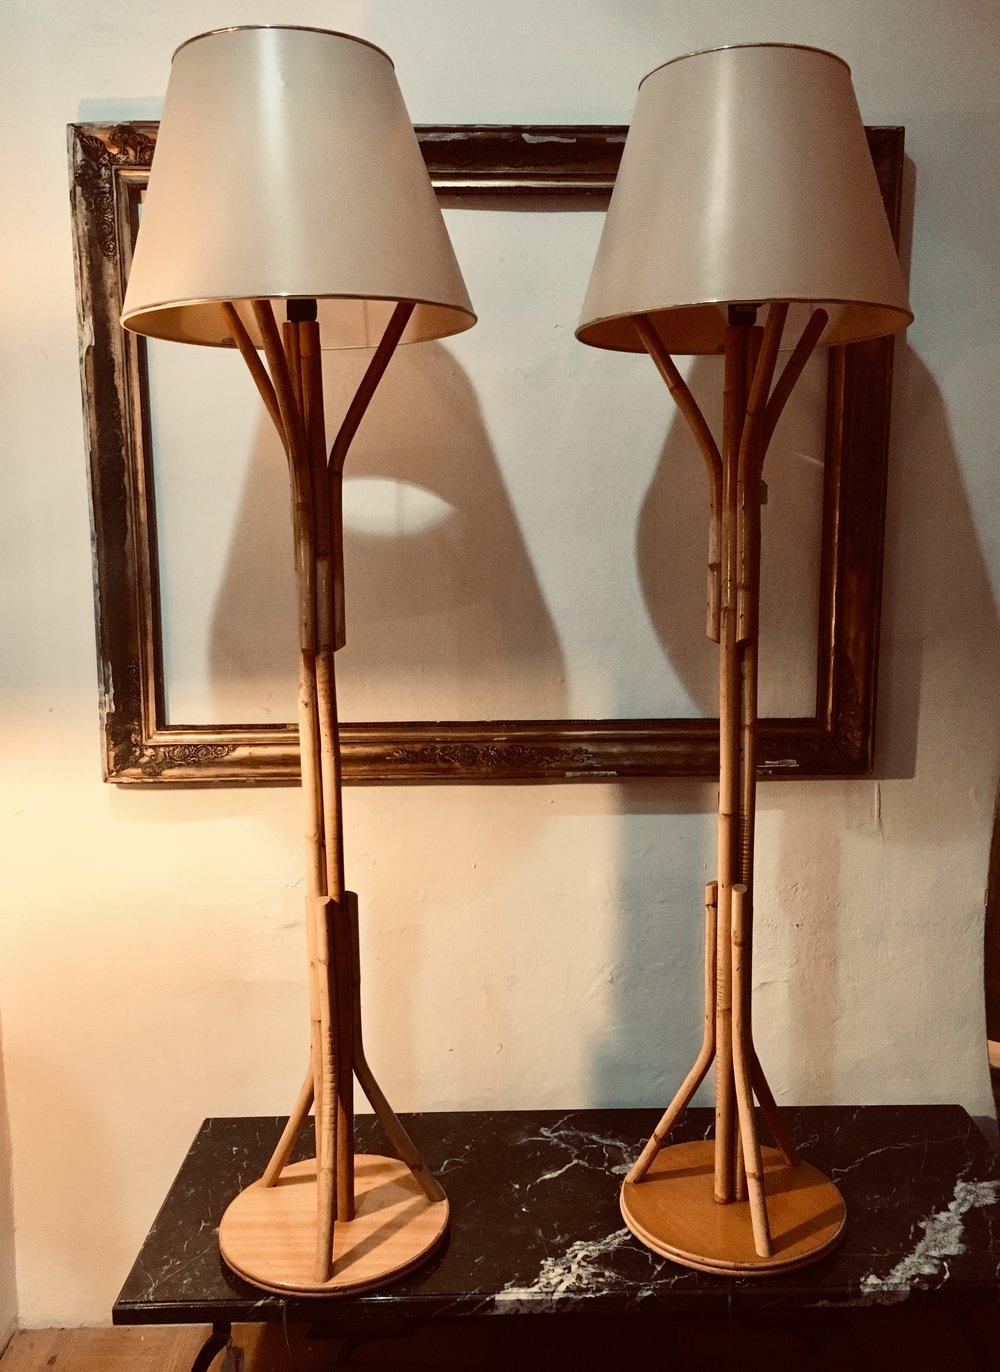 Lámparas de caña de bambú